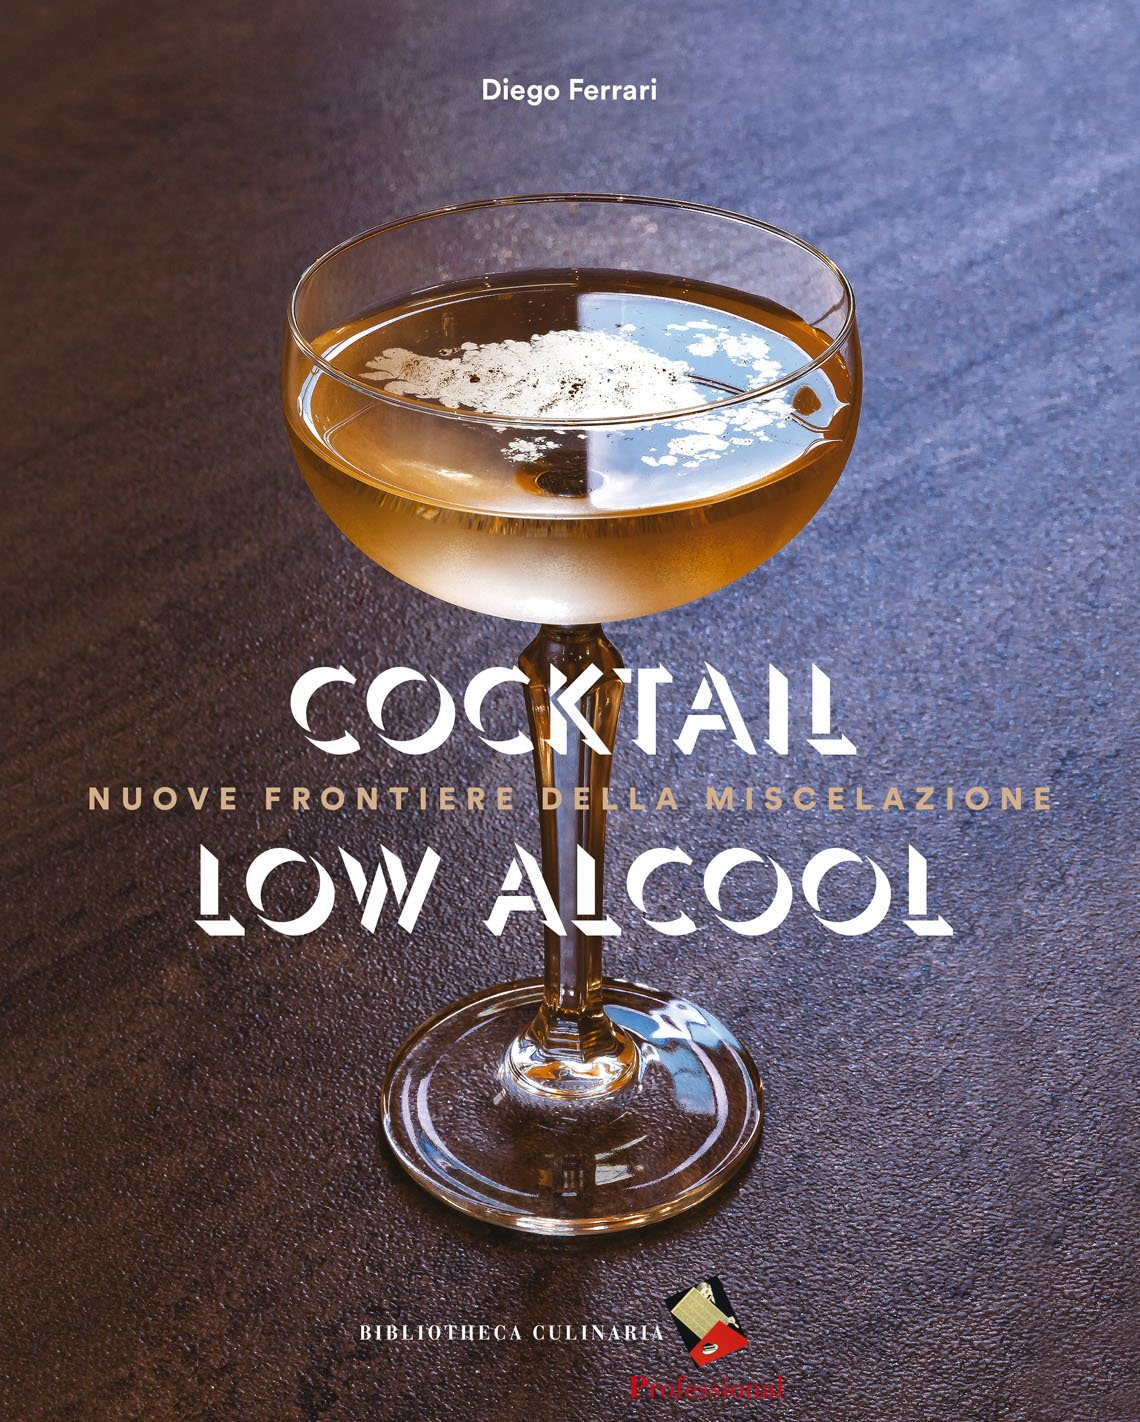 Cocktail Low Alcohol Nuove Frontiere Della Miscelazione Amazon De Ferrari Diego Formisano P Fremdsprachige Bücher